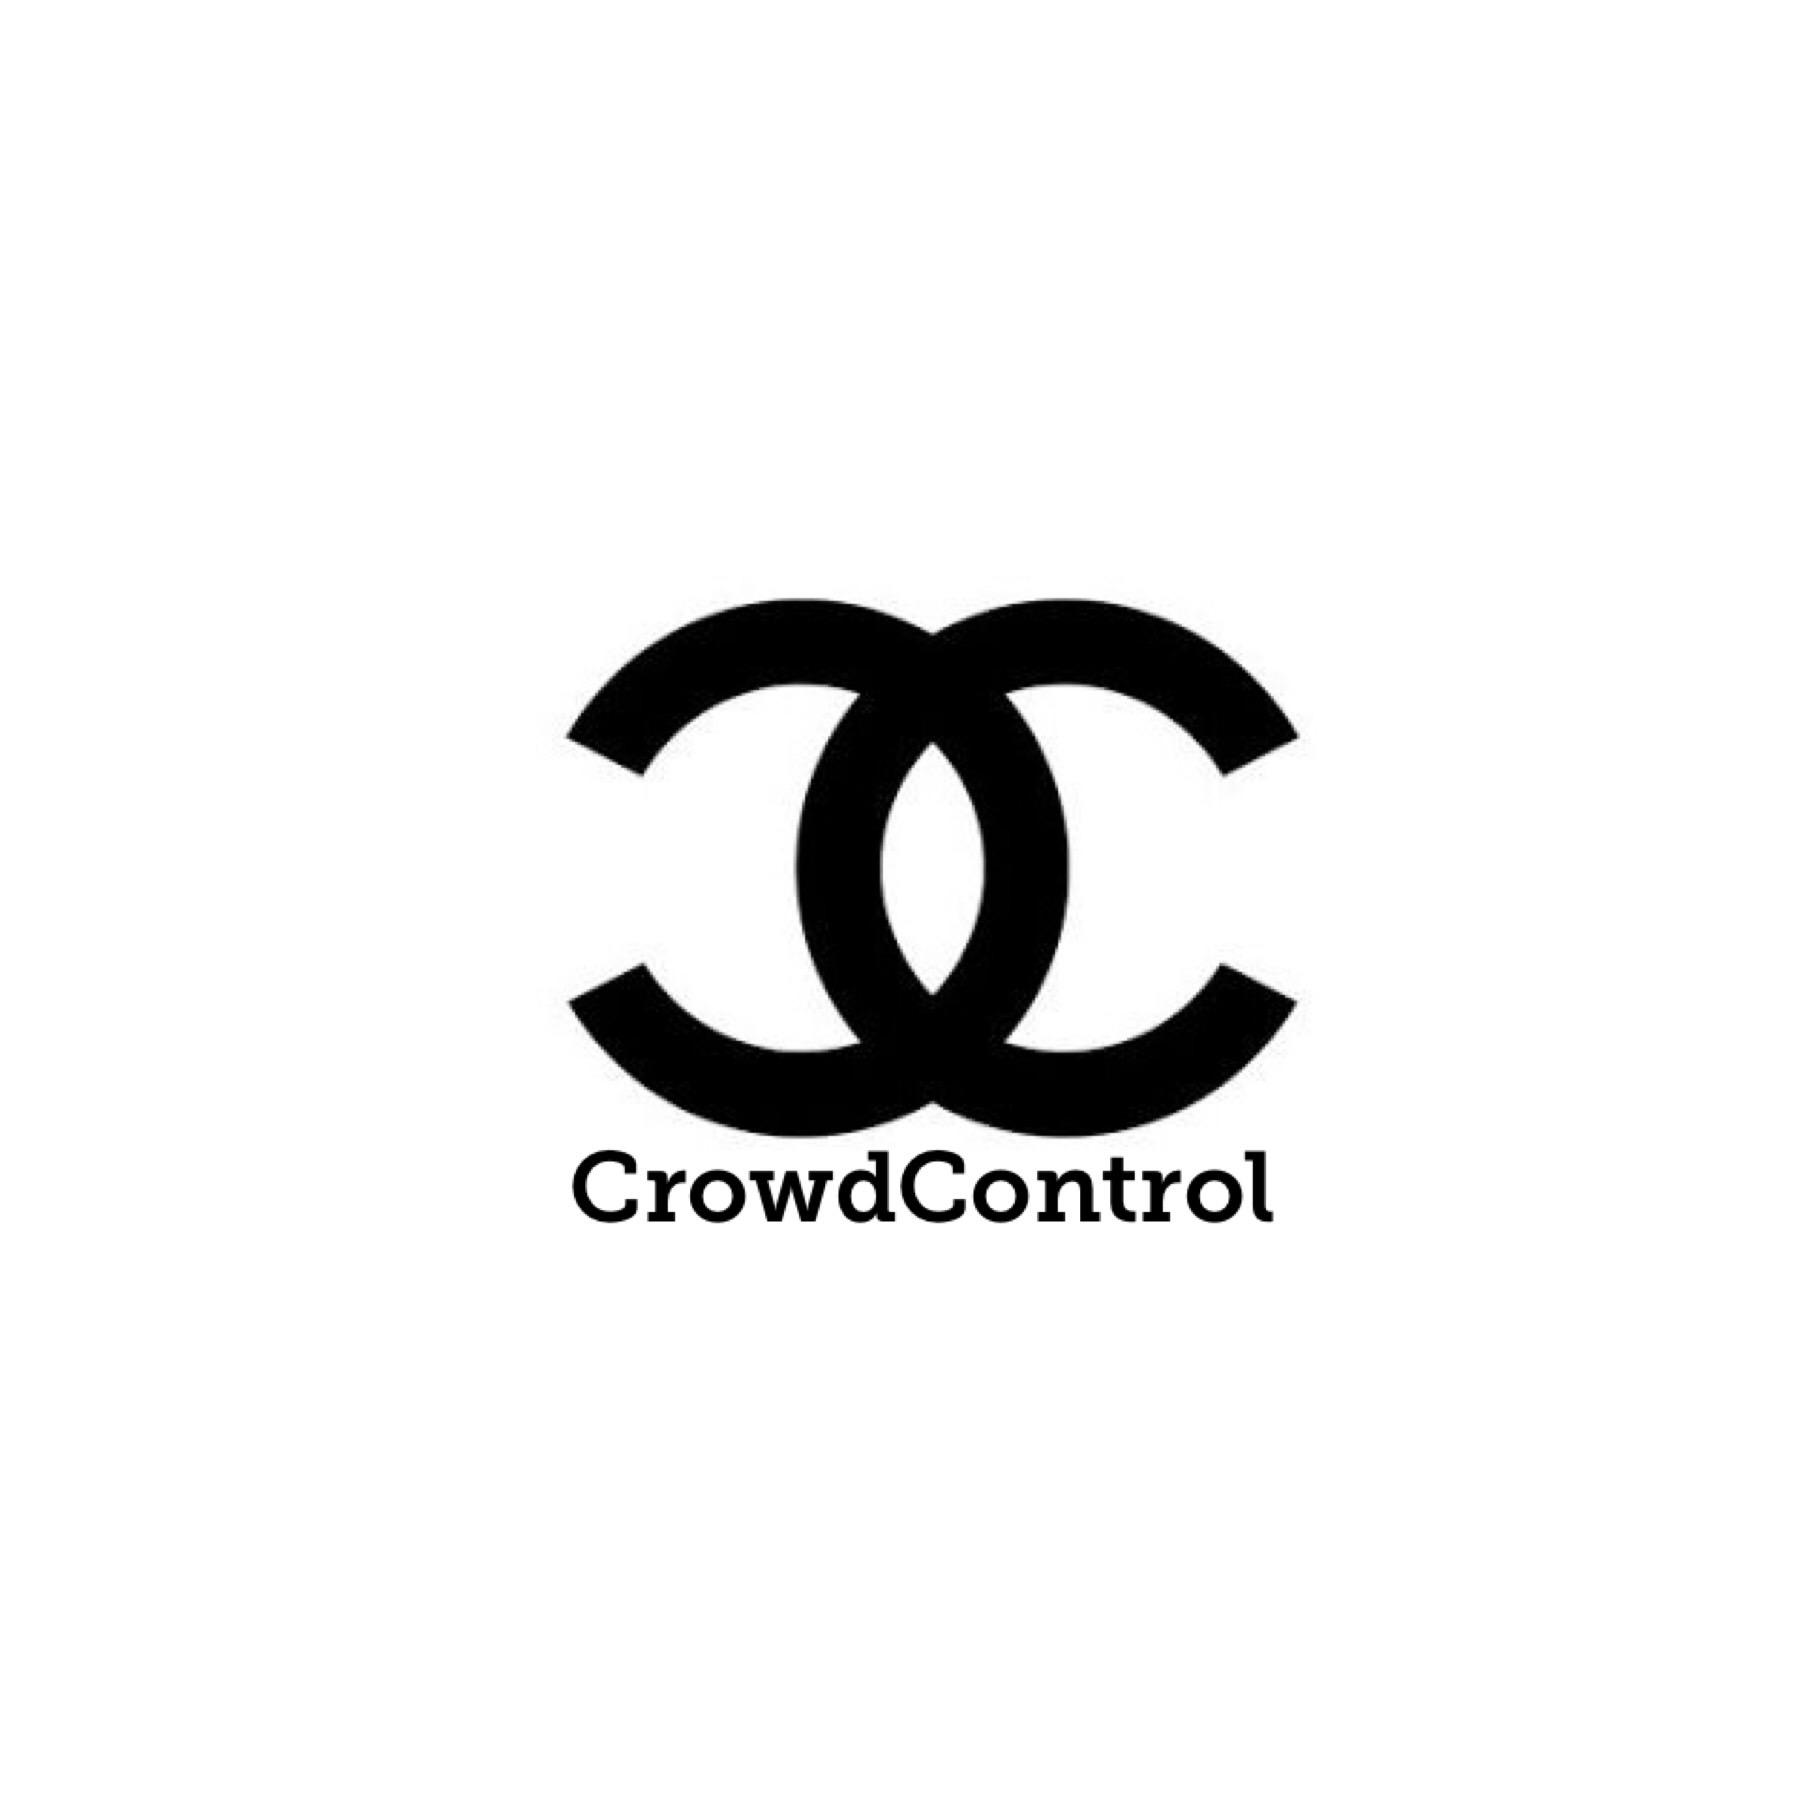 CrowdCrontrol